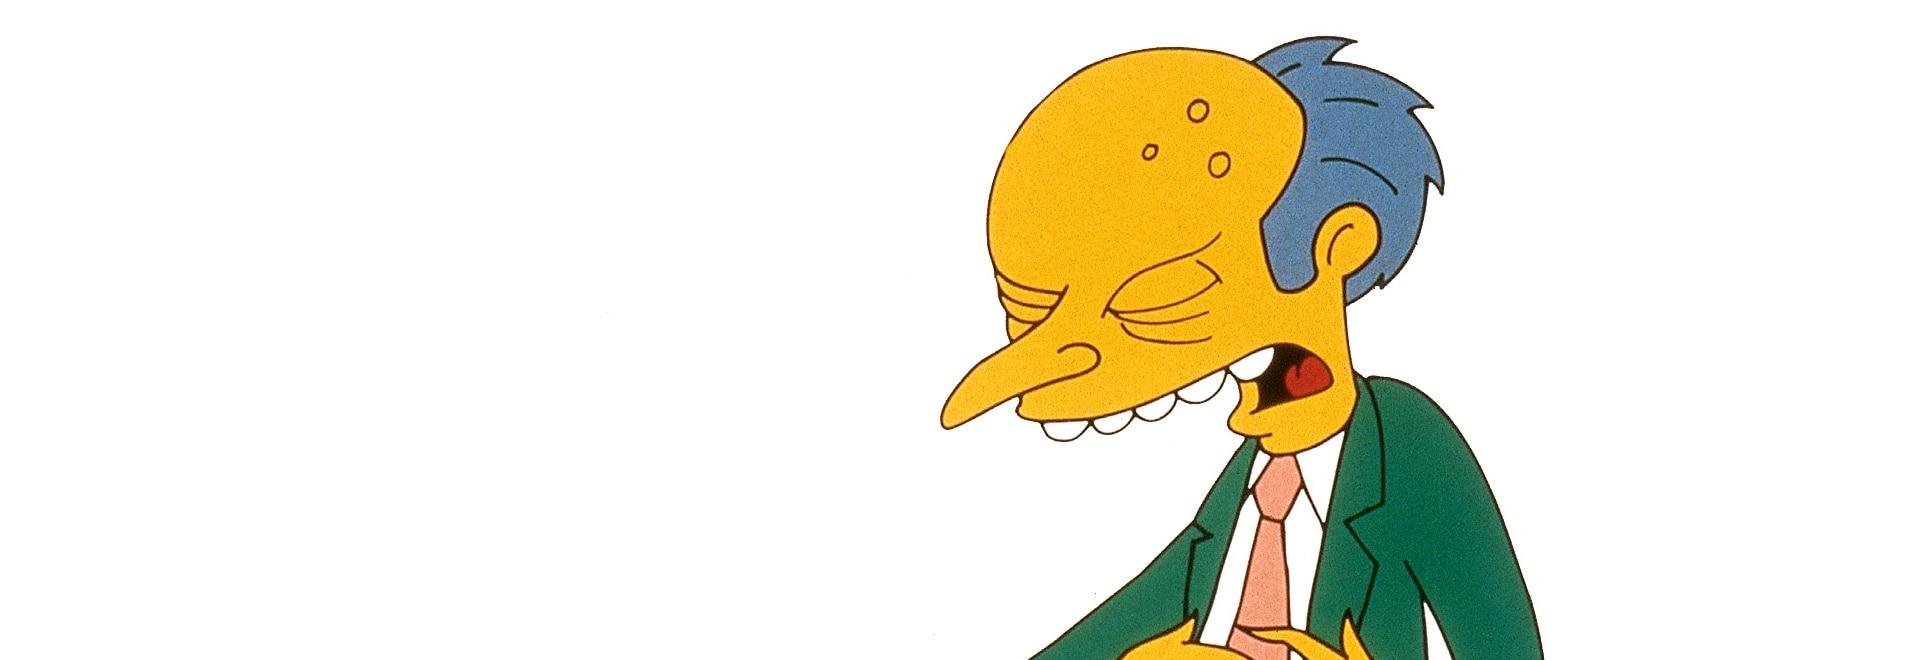 L'appuntamento di Lisa col teppistello